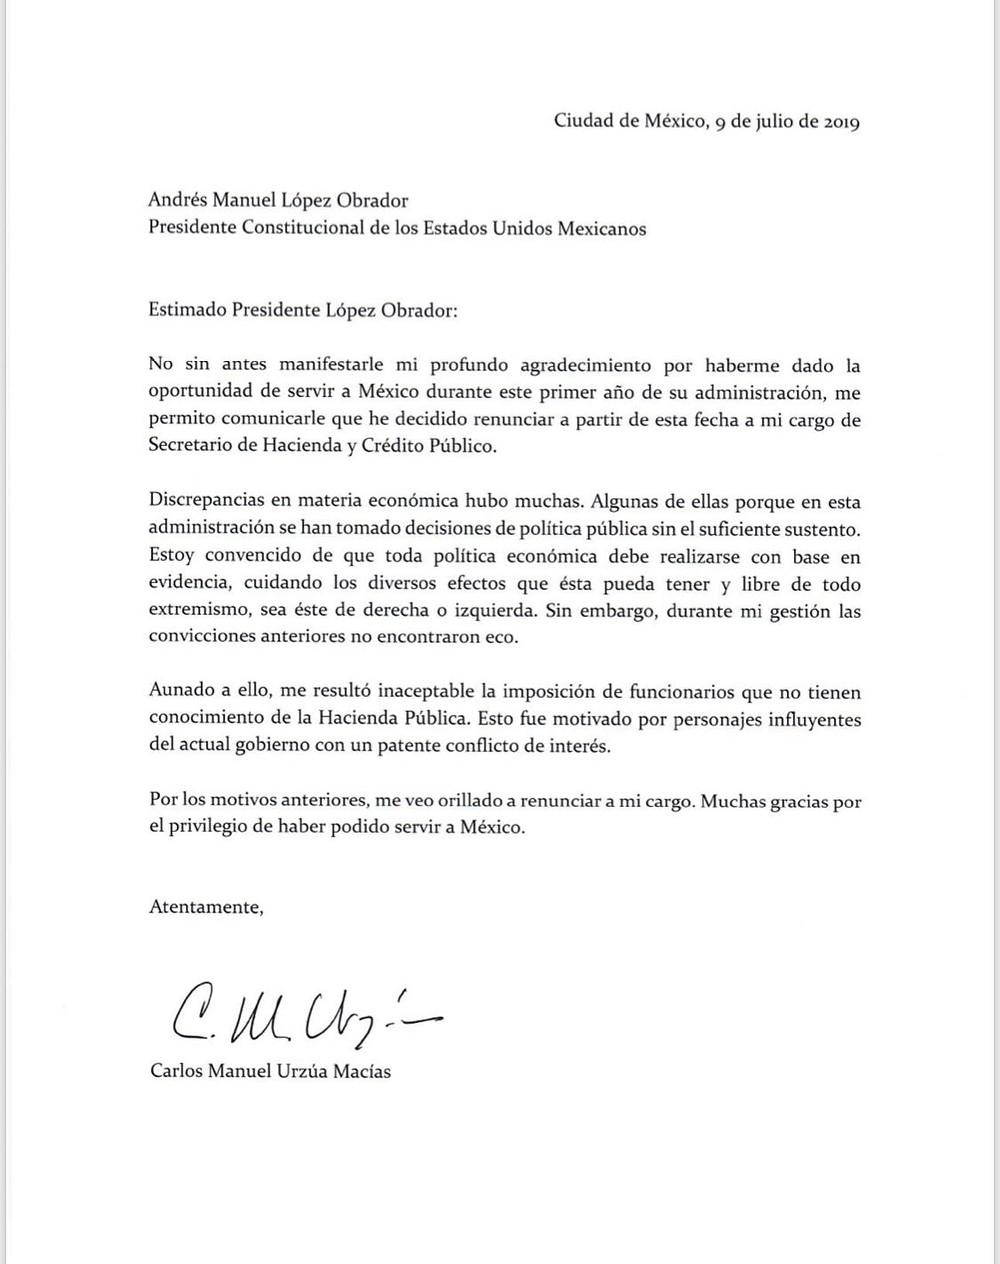 Carta de renuncia de Carlos Urzúa